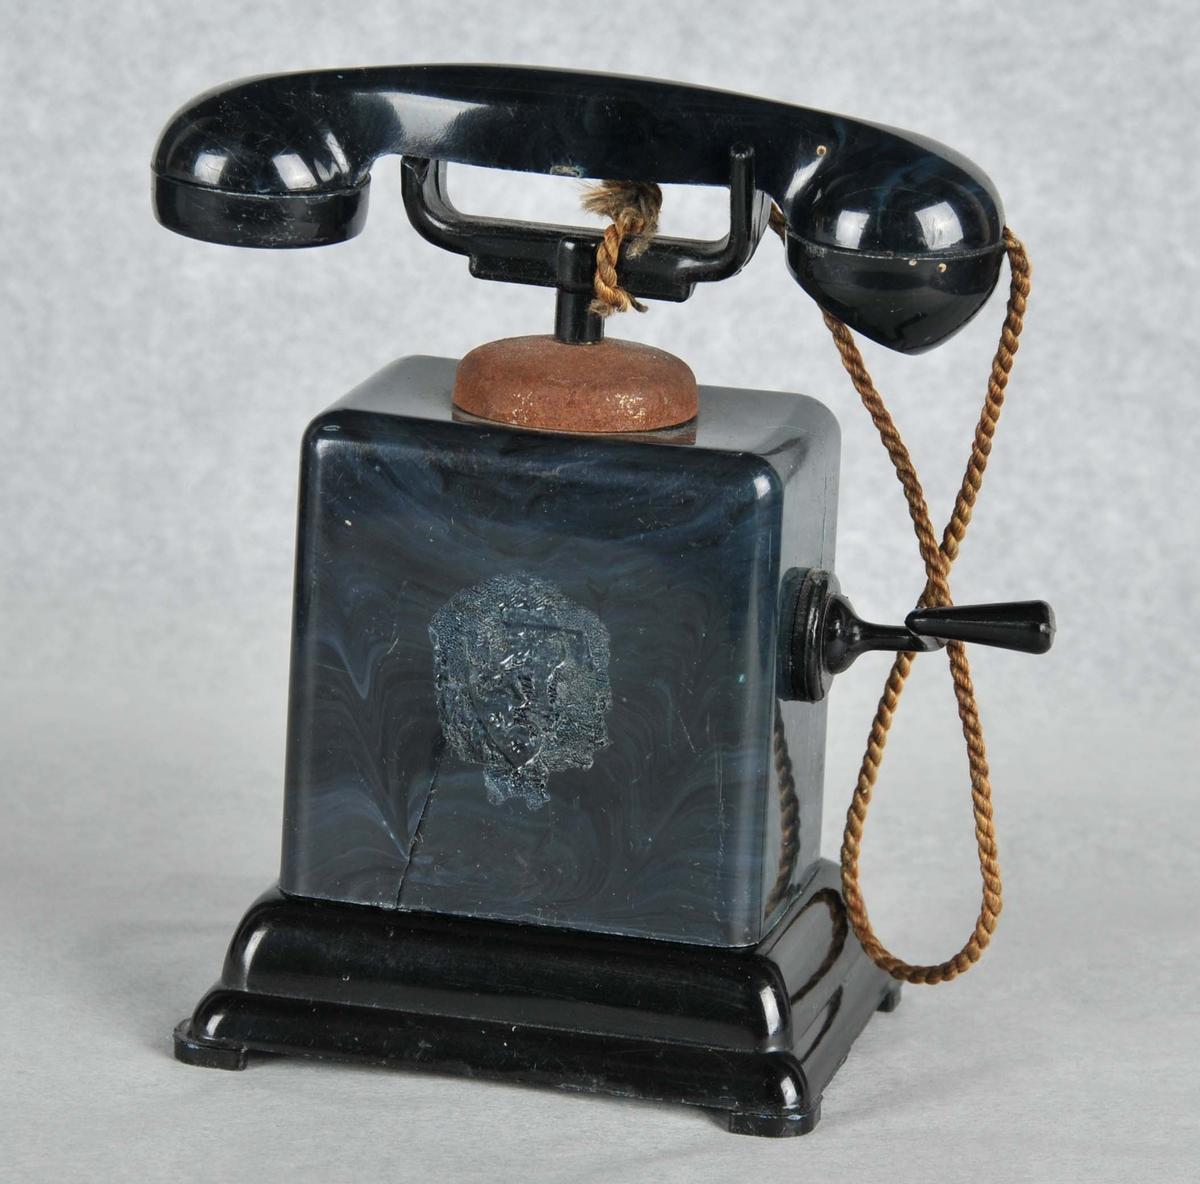 Svart telefon med sveiv. Riksløva i front. Røyret er festa til gaffelen med tvinna silketråd.